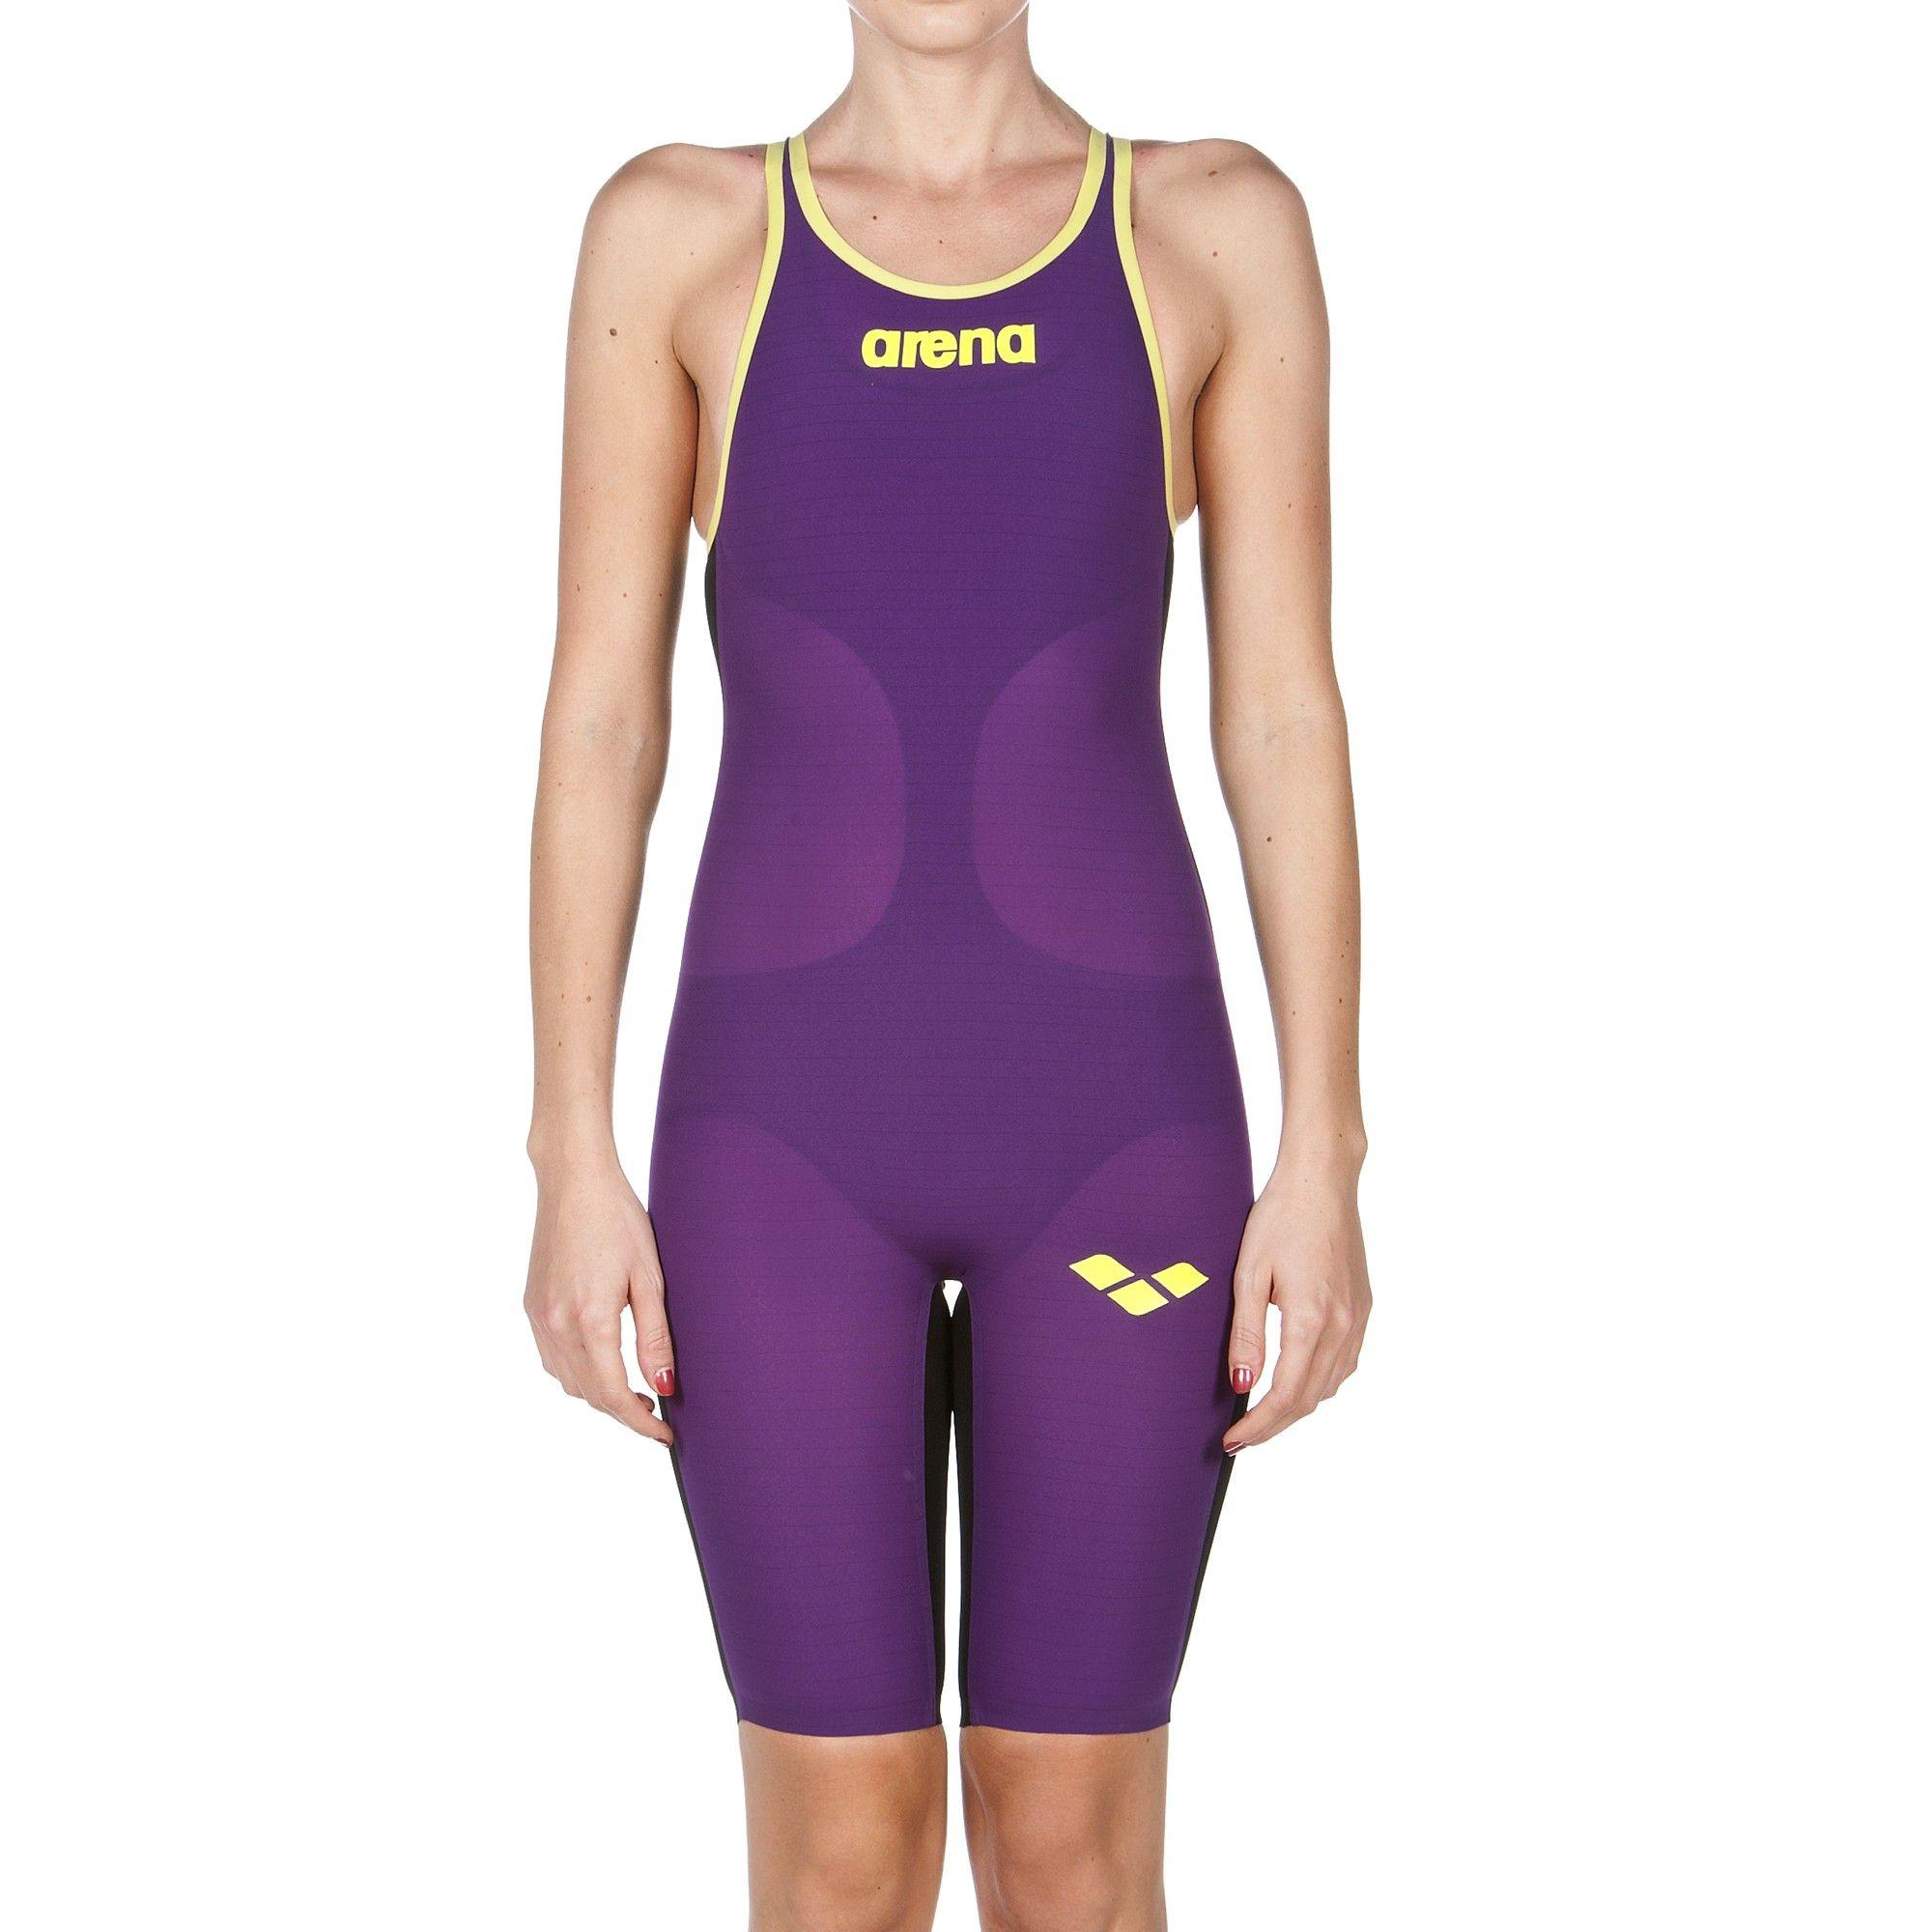 Arena Damen Ganzkörper Schwimmanzug Carbon Ultimate